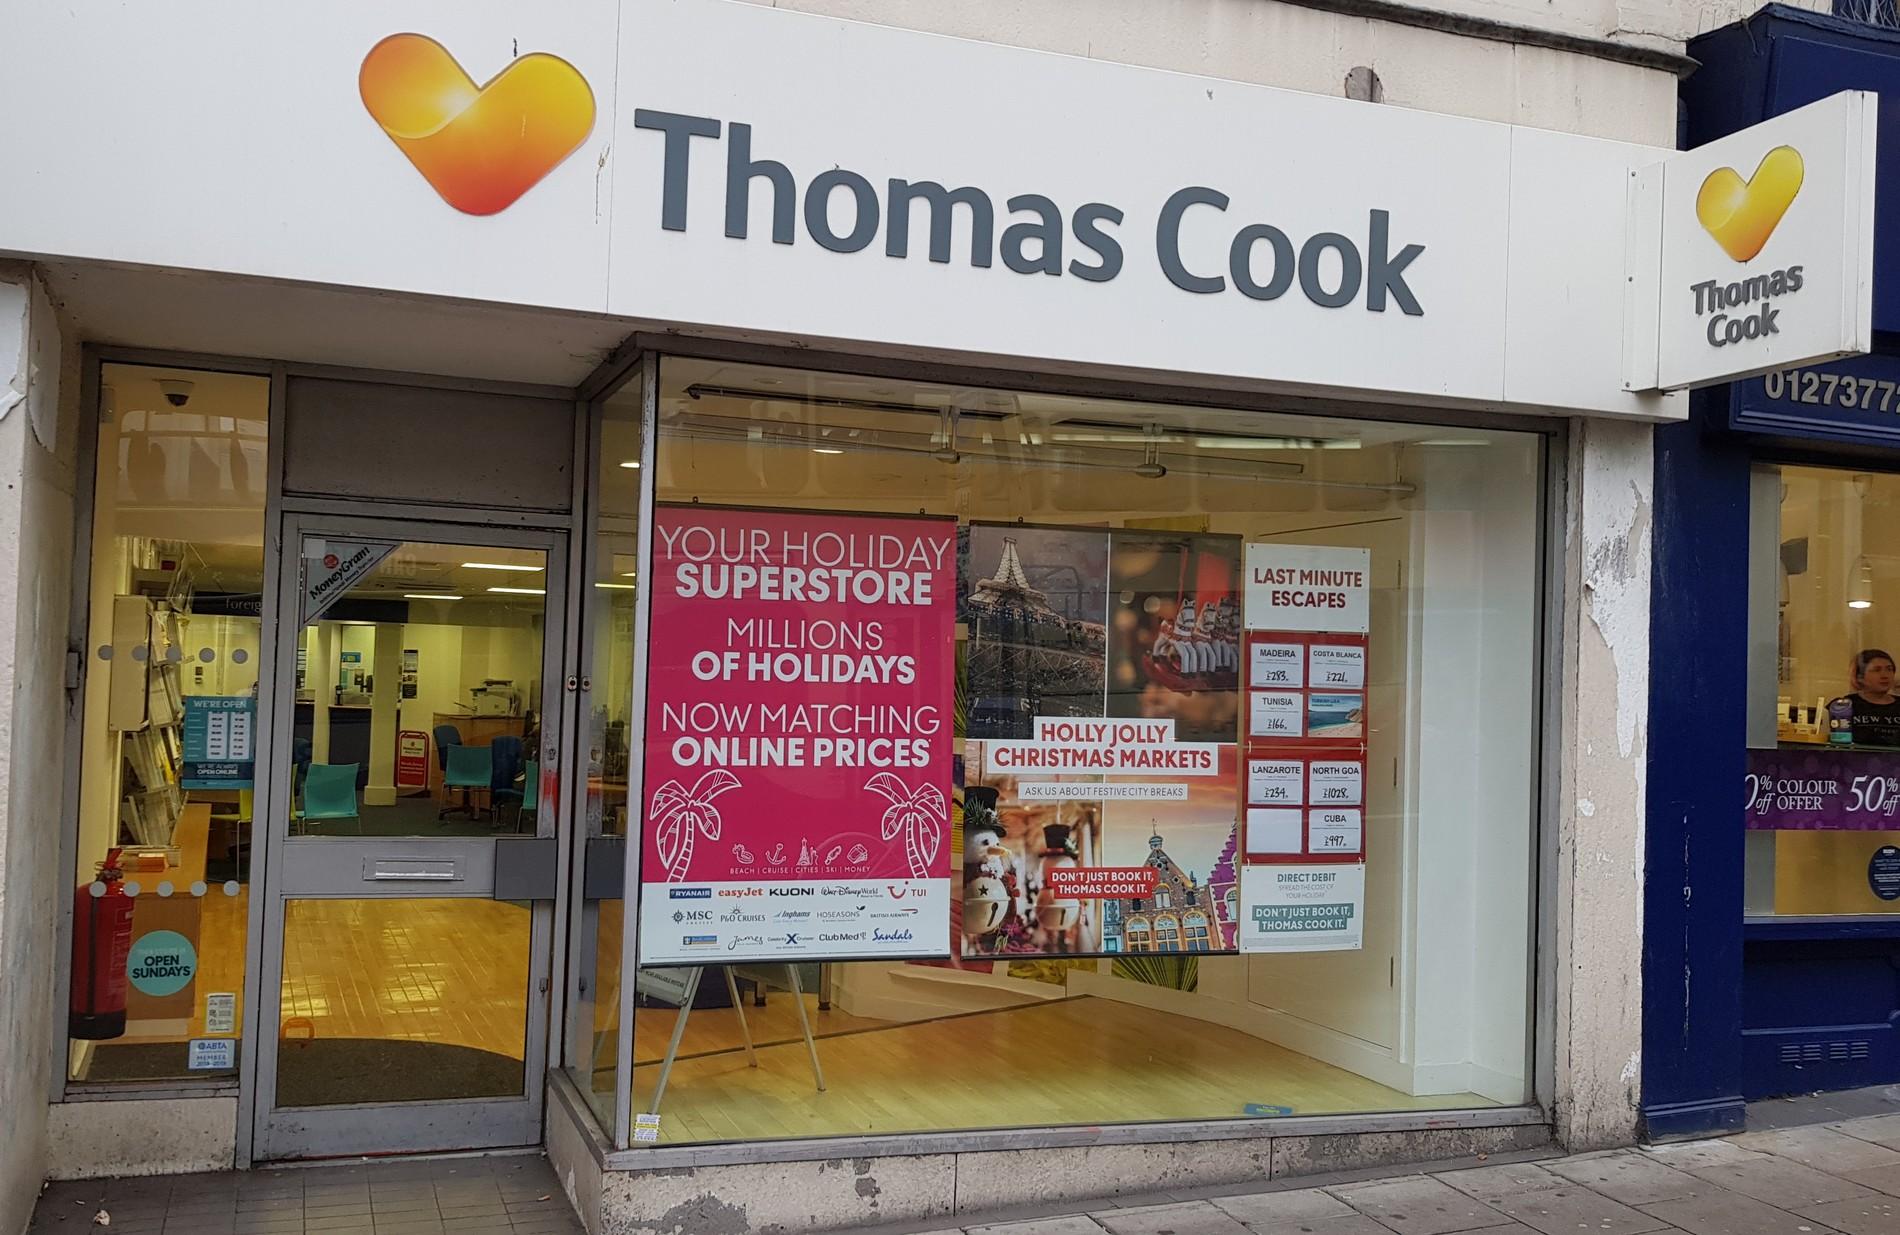 Thomas cook brighton travel store thomas cook